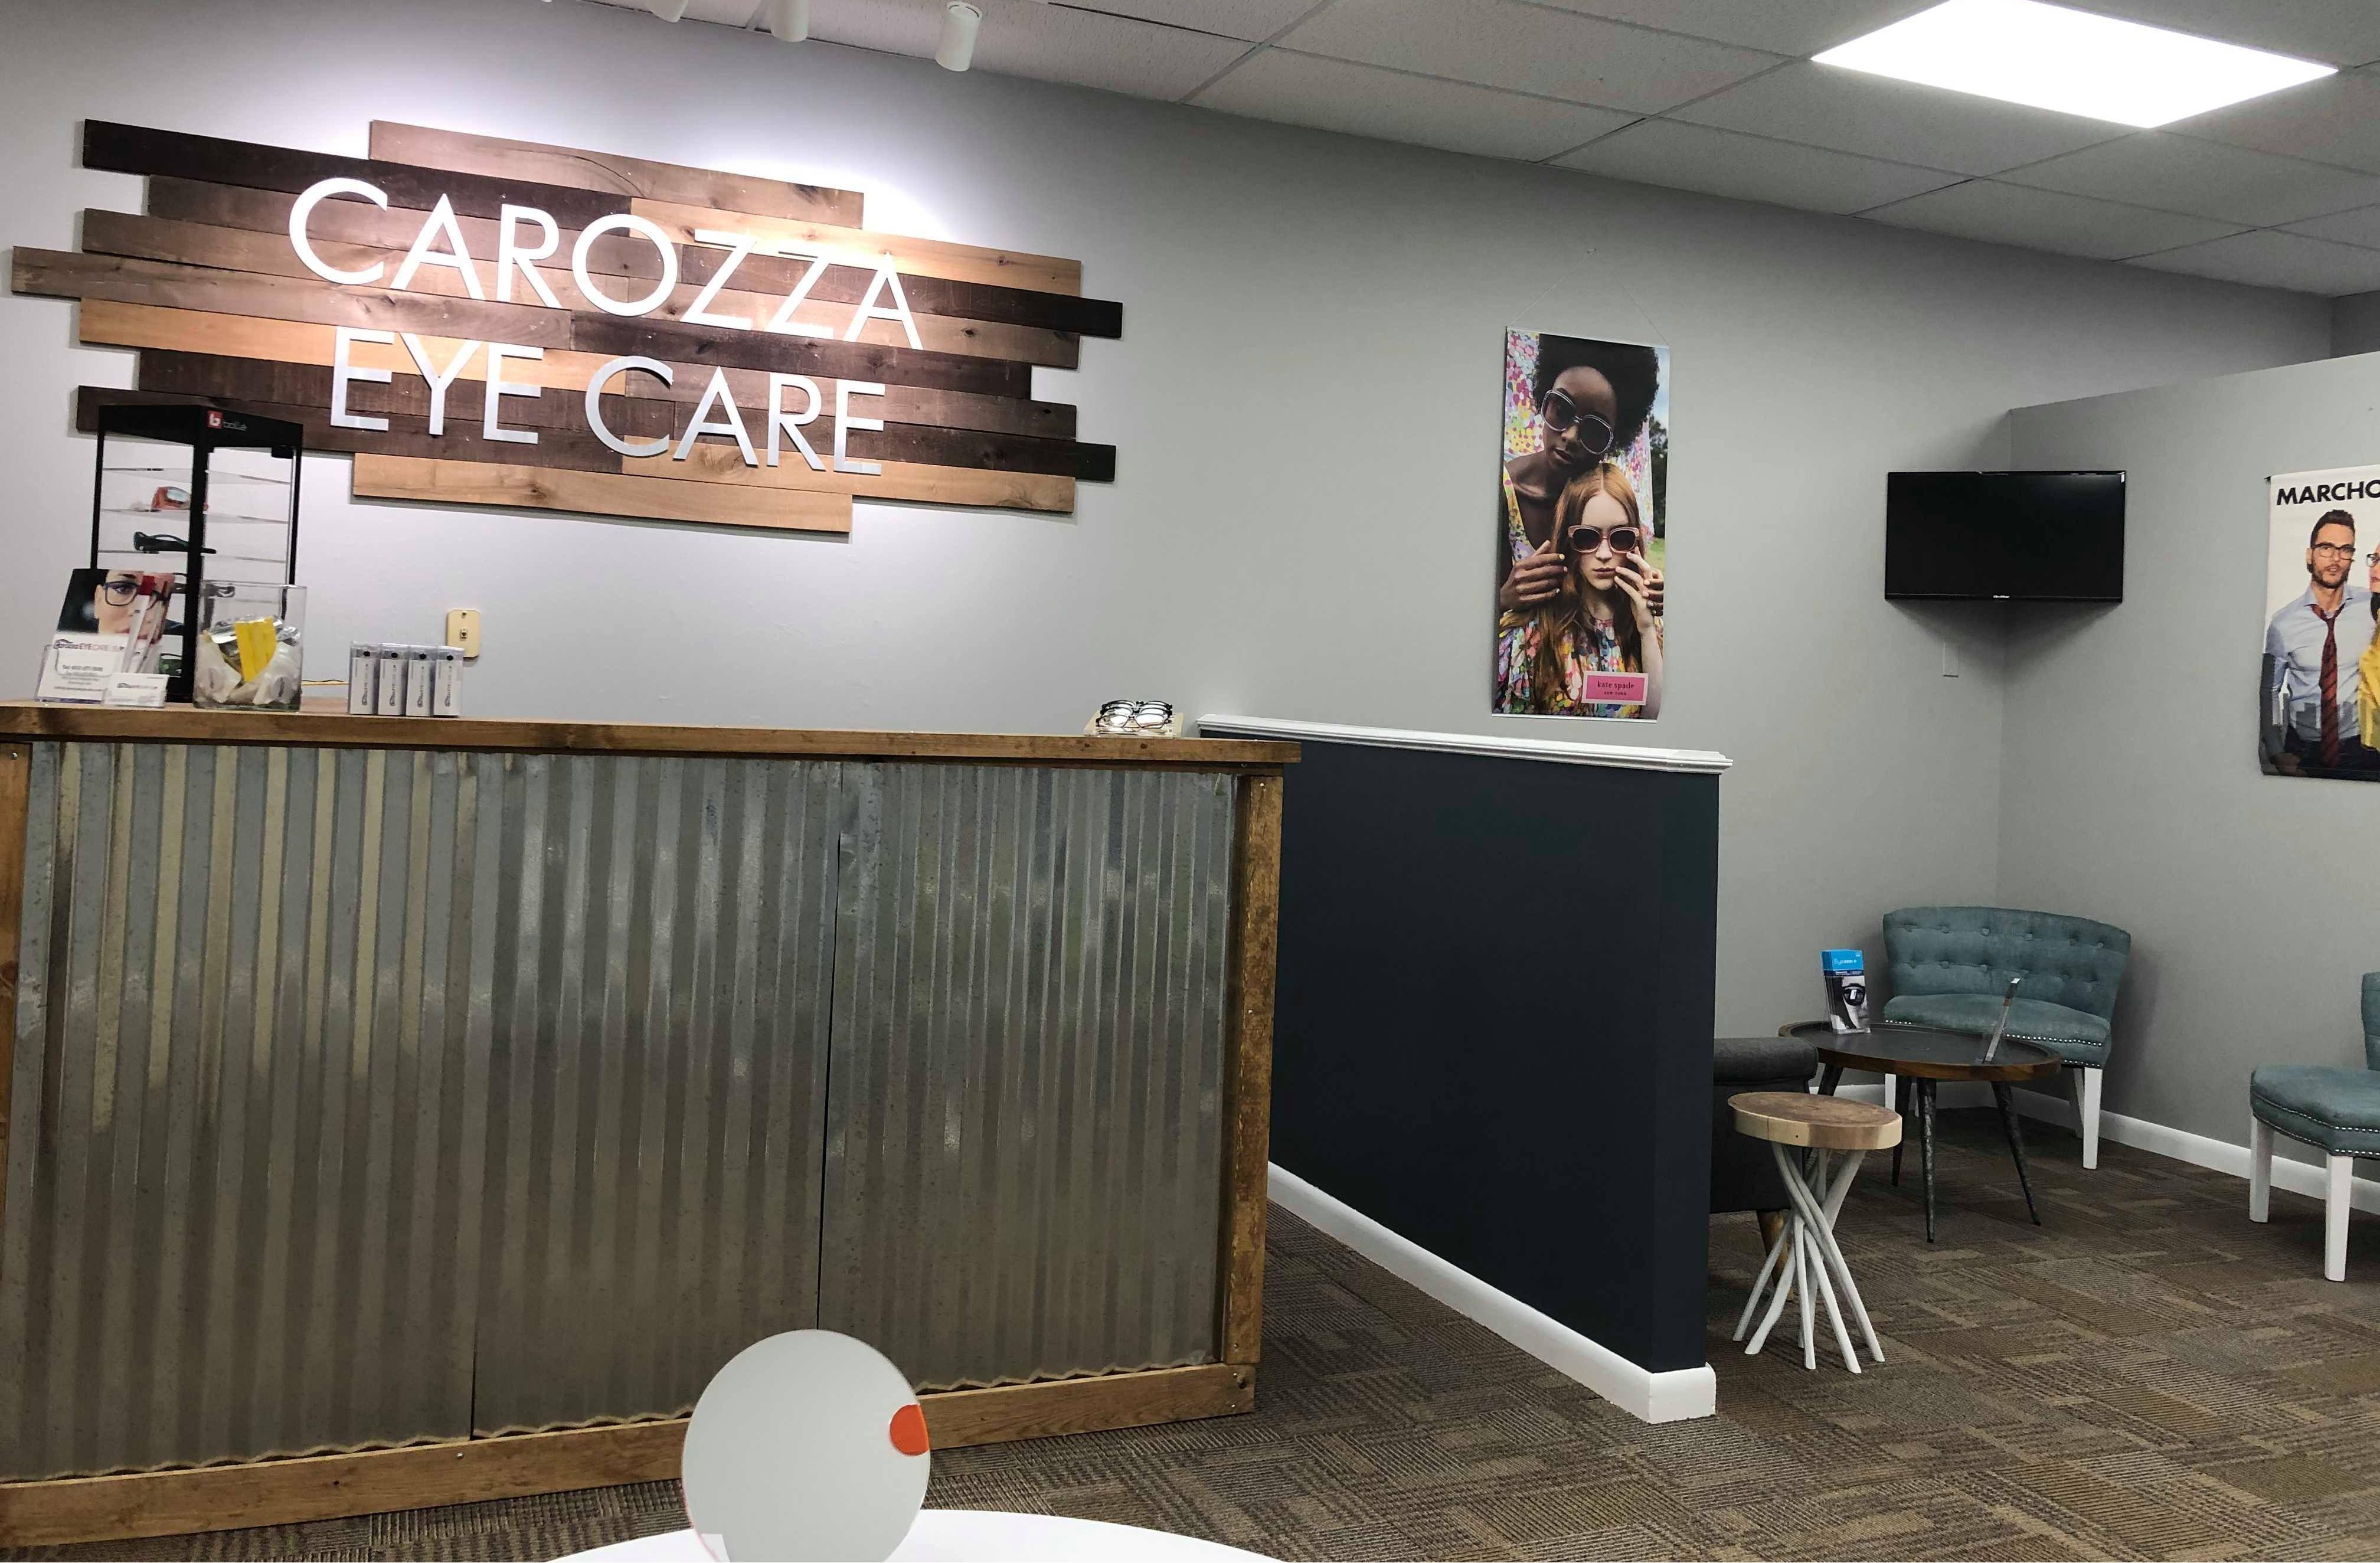 Carozza Eye Care image 0